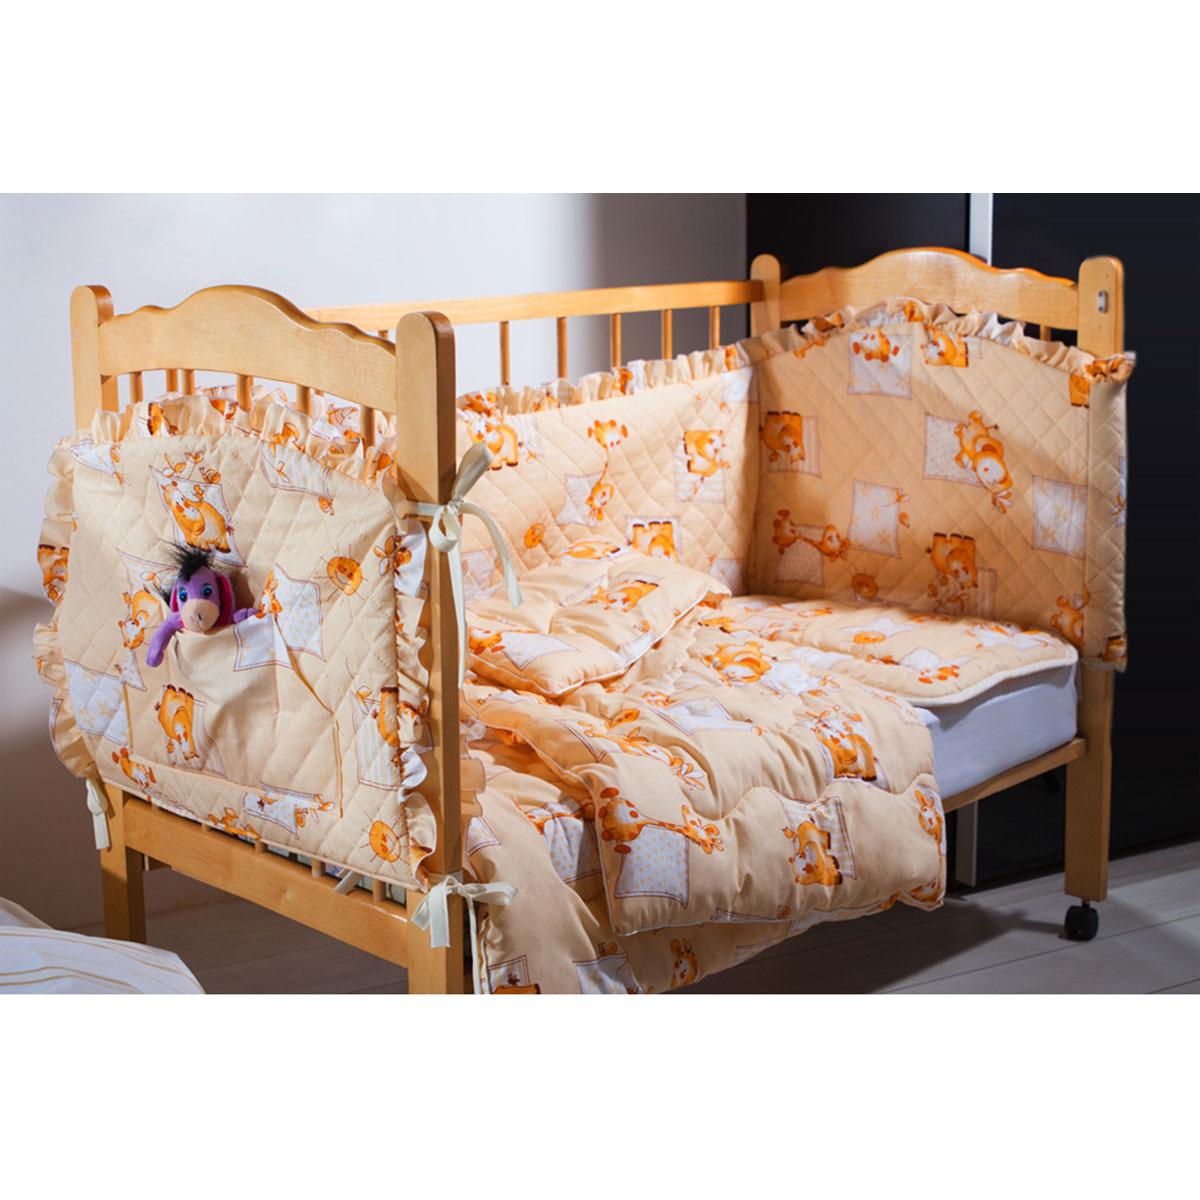 Primavelle Комплект в кроватку Кроха цвет бежевый 4 предмета601104005-10Комплект в кроватку Primavelle Кроха прекрасно подойдет для кроватки вашего малыша, добавит комнате уюта и согреет в прохладные дни. В качестве материала верха использованы 70% хлопка и 30% полиэстера. Мягкая ткань не раздражает чувствительную и нежную кожу ребенка и хорошо вентилируется. Подушка и одеяло наполнены гипоаллергенным экофайбером, который не впитывает запах и пыль. В комплекте - удобный карман на кроватку для всех необходимых вещей.Очень важно, чтобы ваш малыш хорошо спал - это залог его здоровья, а значит вашего спокойствия. Комплект Primavelle Кроха идеально подойдет для кроватки вашего малыша. На нем ваш кроха будет спать здоровым и крепким сном.Комплектация:- бортик (360 см х 45 см); - подушка (40 см х 60 см);- одеяло (110 см х 140 см);- кармашек (60 см х 45 см).